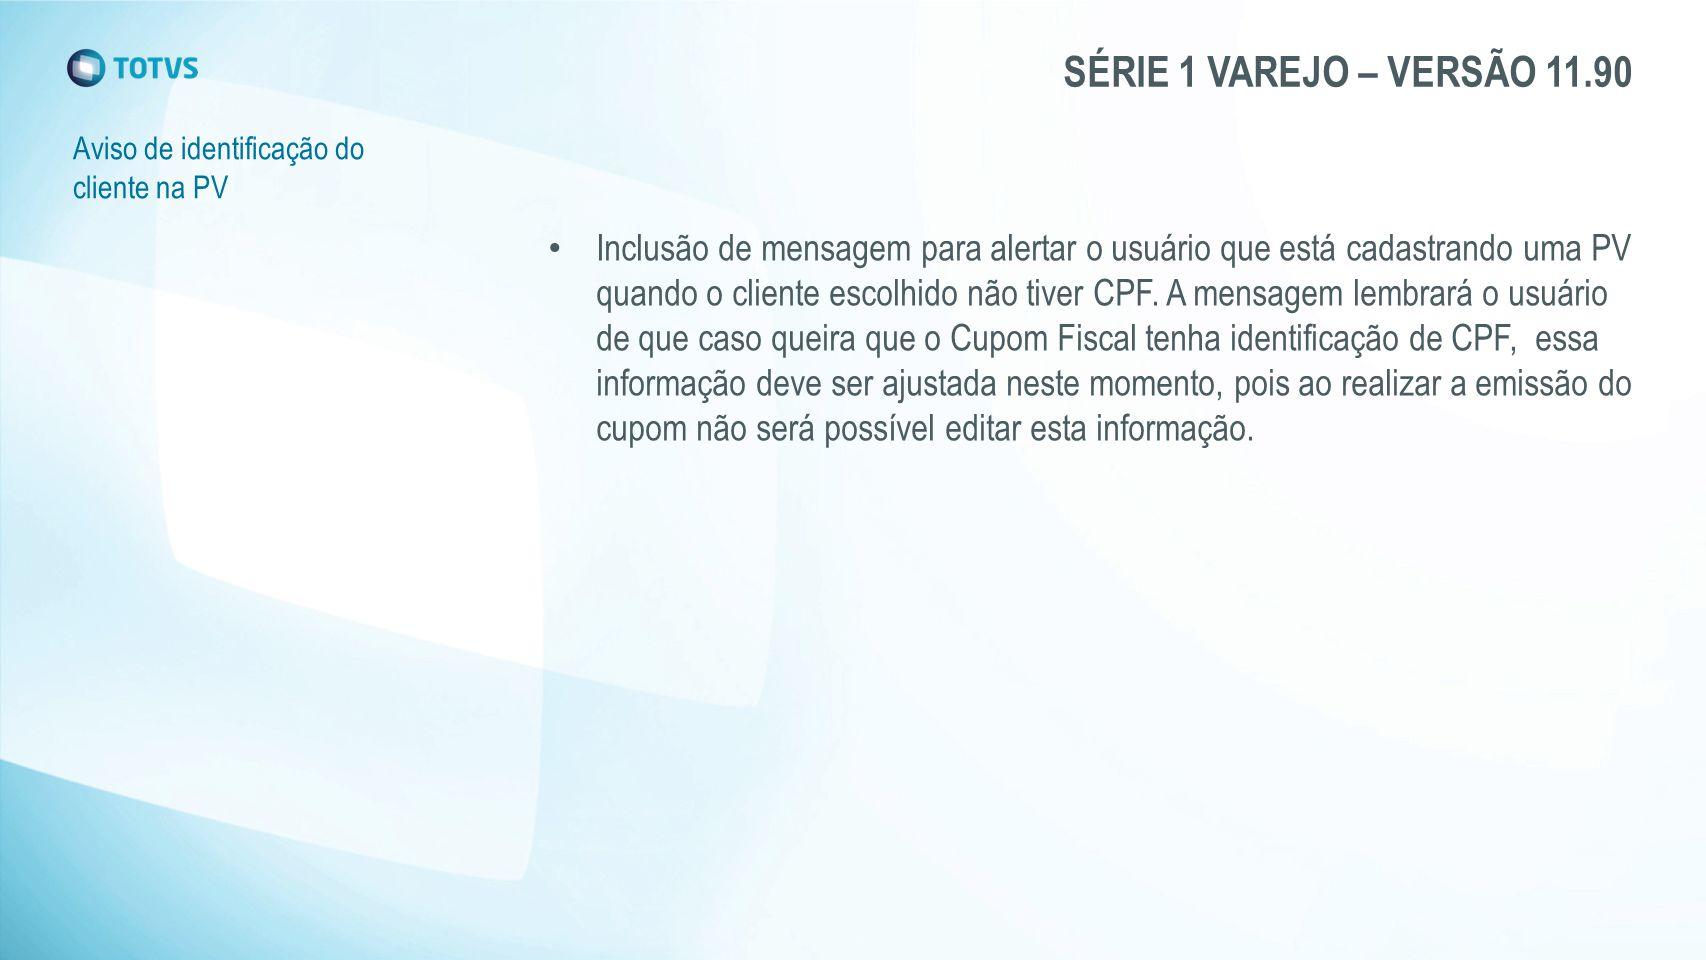 SÉRIE 1 VAREJO – VERSÃO 11.90 Aviso de identificação do cliente na PV Inclusão de mensagem para alertar o usuário que está cadastrando uma PV quando o cliente escolhido não tiver CPF.